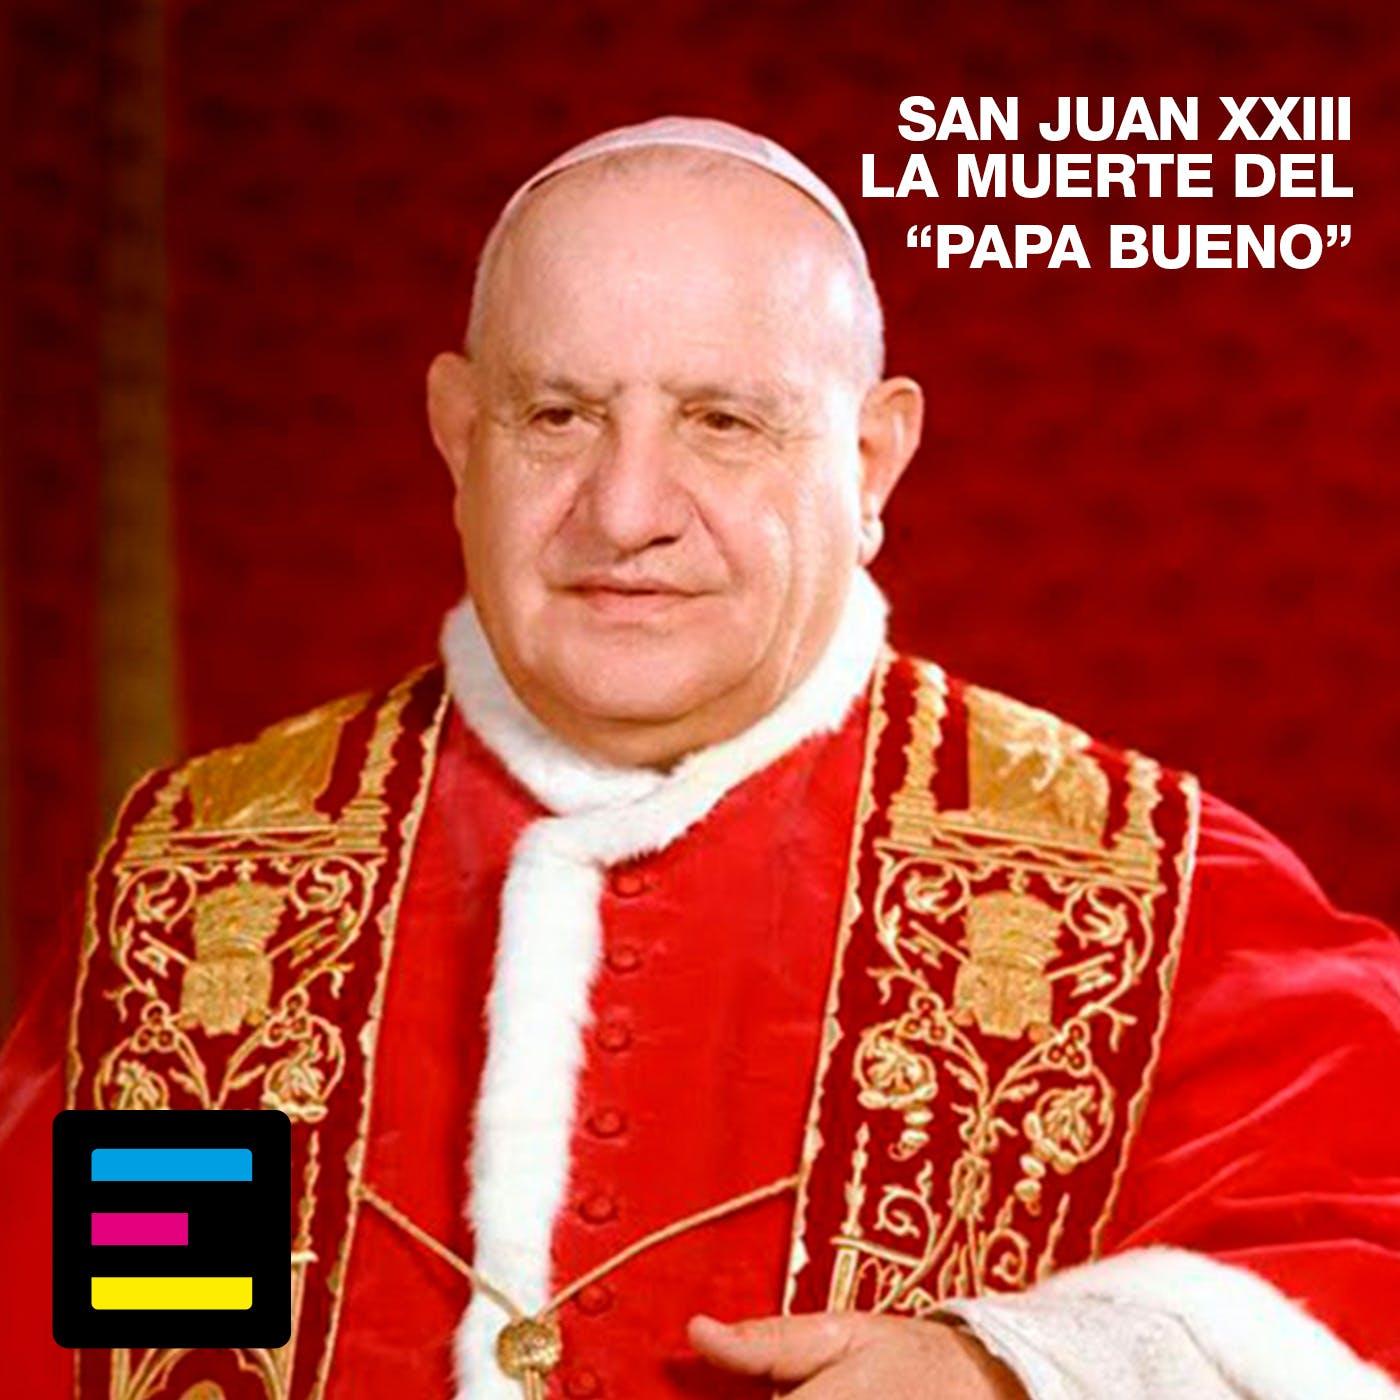 San Juan 23, la muerte del Papa bueno